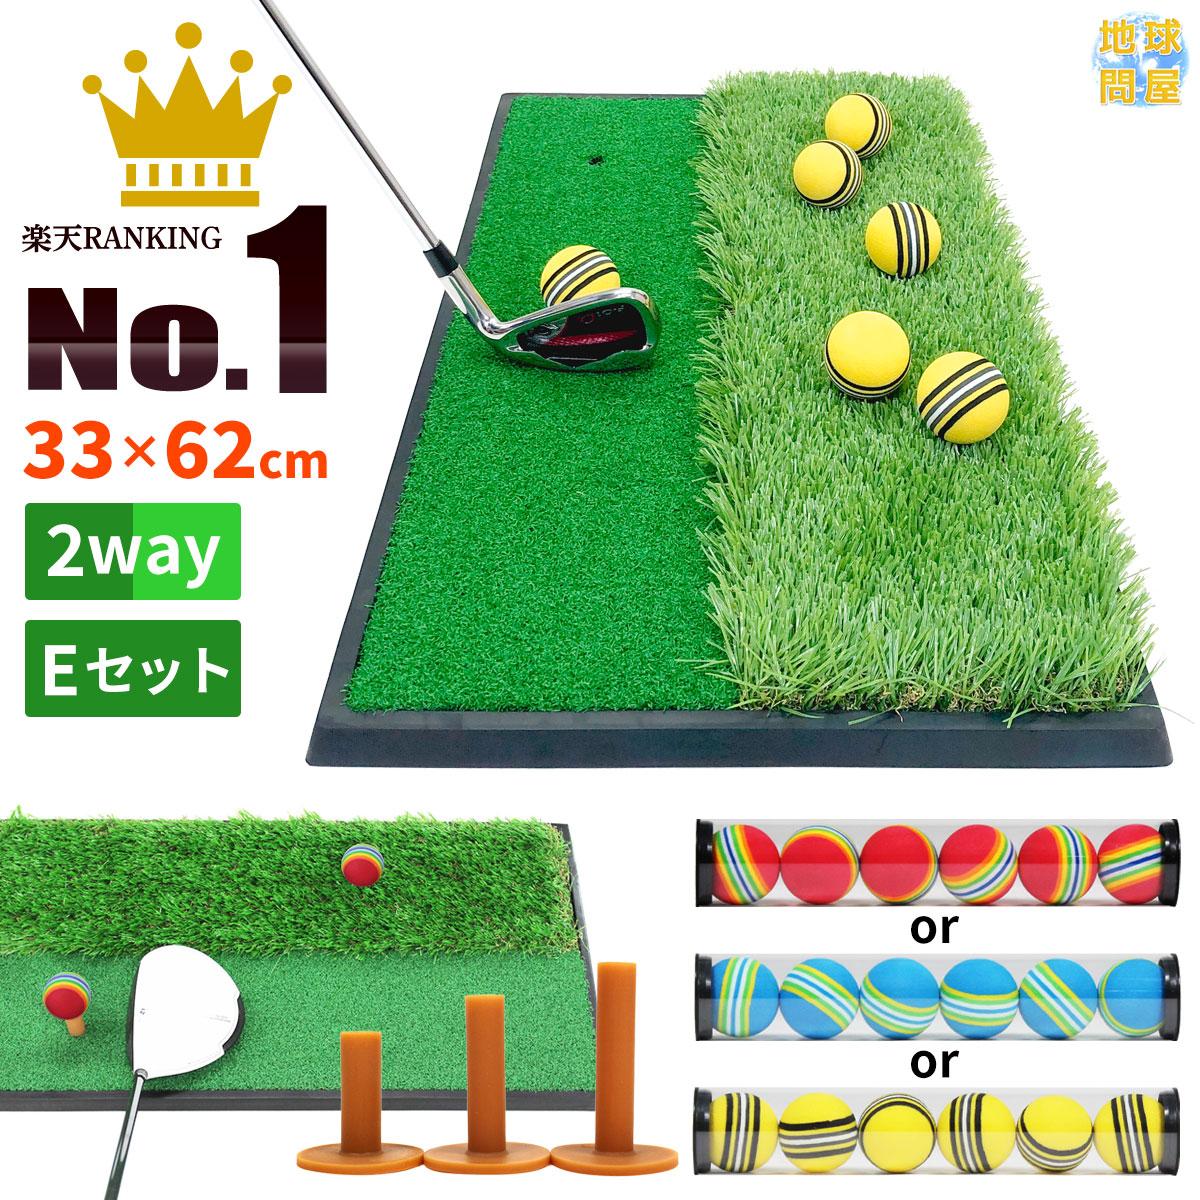 フェアウェイとラフの練習ができる 土台がゴムで重みがあるから動かないゴルフスイング練習マットです 自宅でのスイング練習に最適です ゴルフ 練習 マット ゴムマット 素振り スイング 直営店 ラフ ゴルフティー 信託 33×62cm 2WAYマット Eセット 人工芝 フェアウェイ ゴルフボール